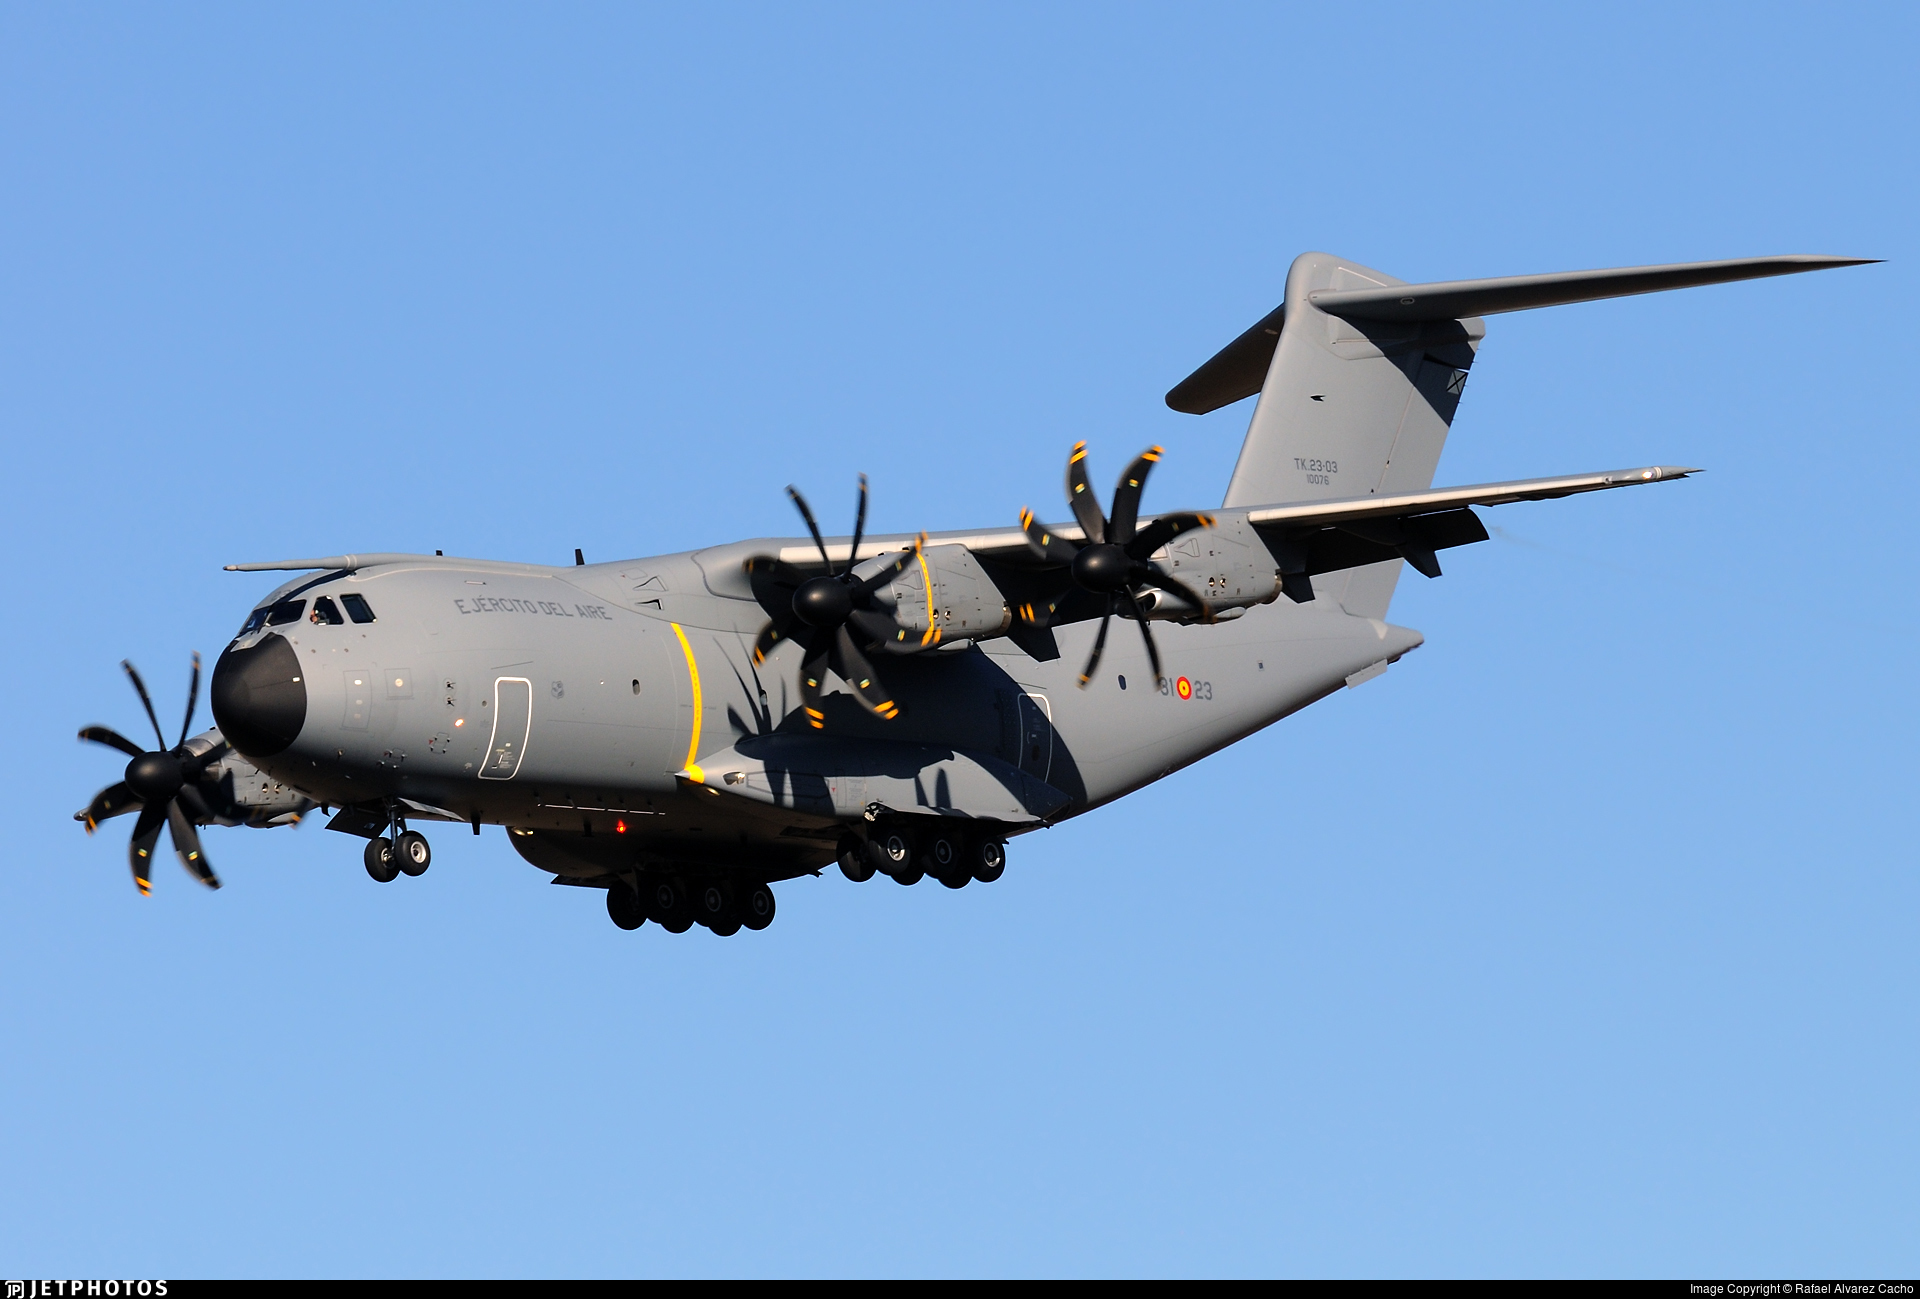 TK.23-03 - Airbus A400M - Spain - Air Force